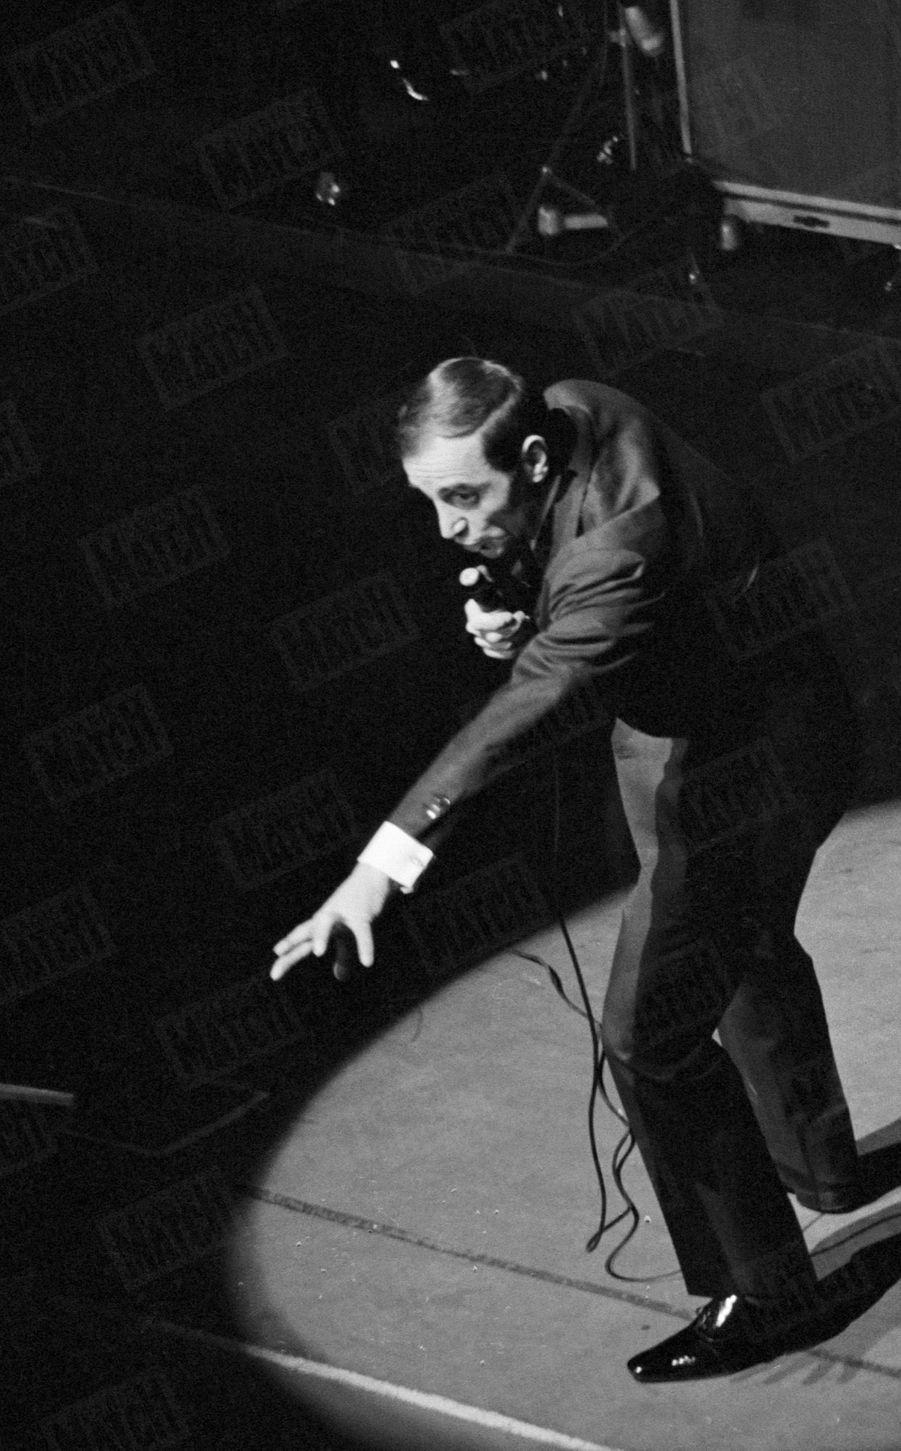 Charles Aznavour sur la scène de l'Olympia, à Paris, le 18 janvier 1963.